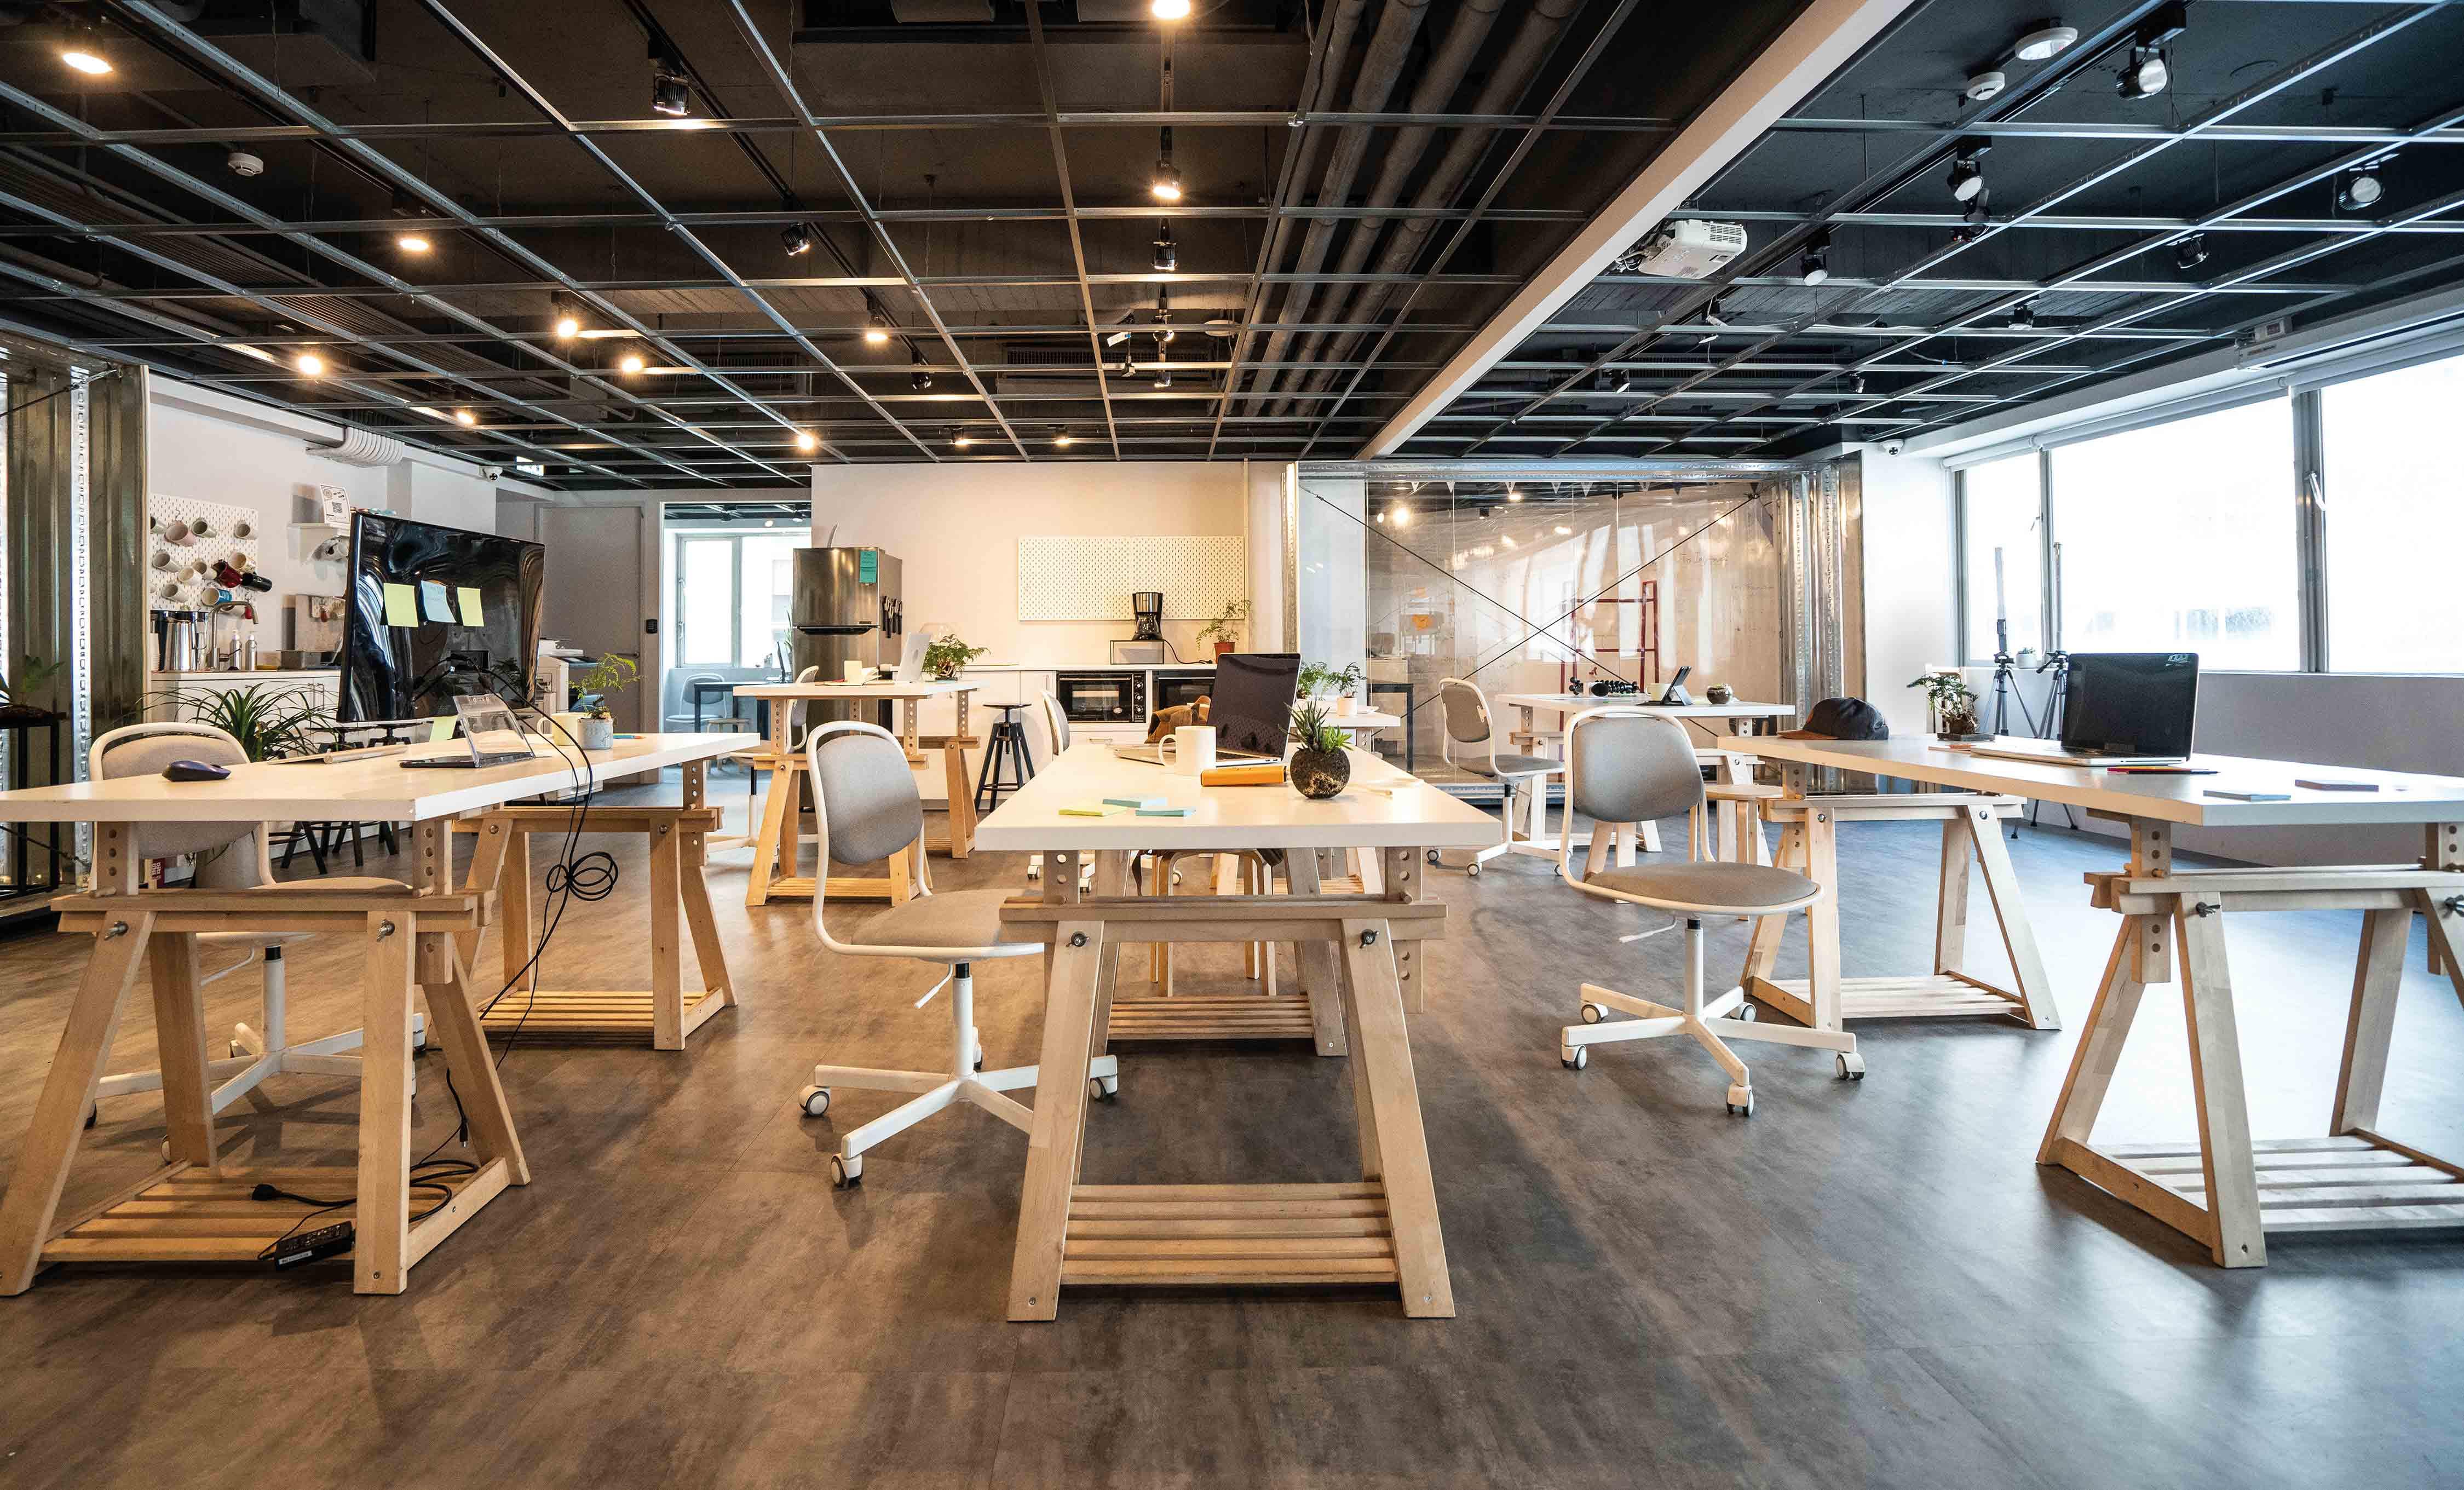 oficinas-tradicionales-se-adaptarian-a-formatos-mas-flexibles-espacios-implementados